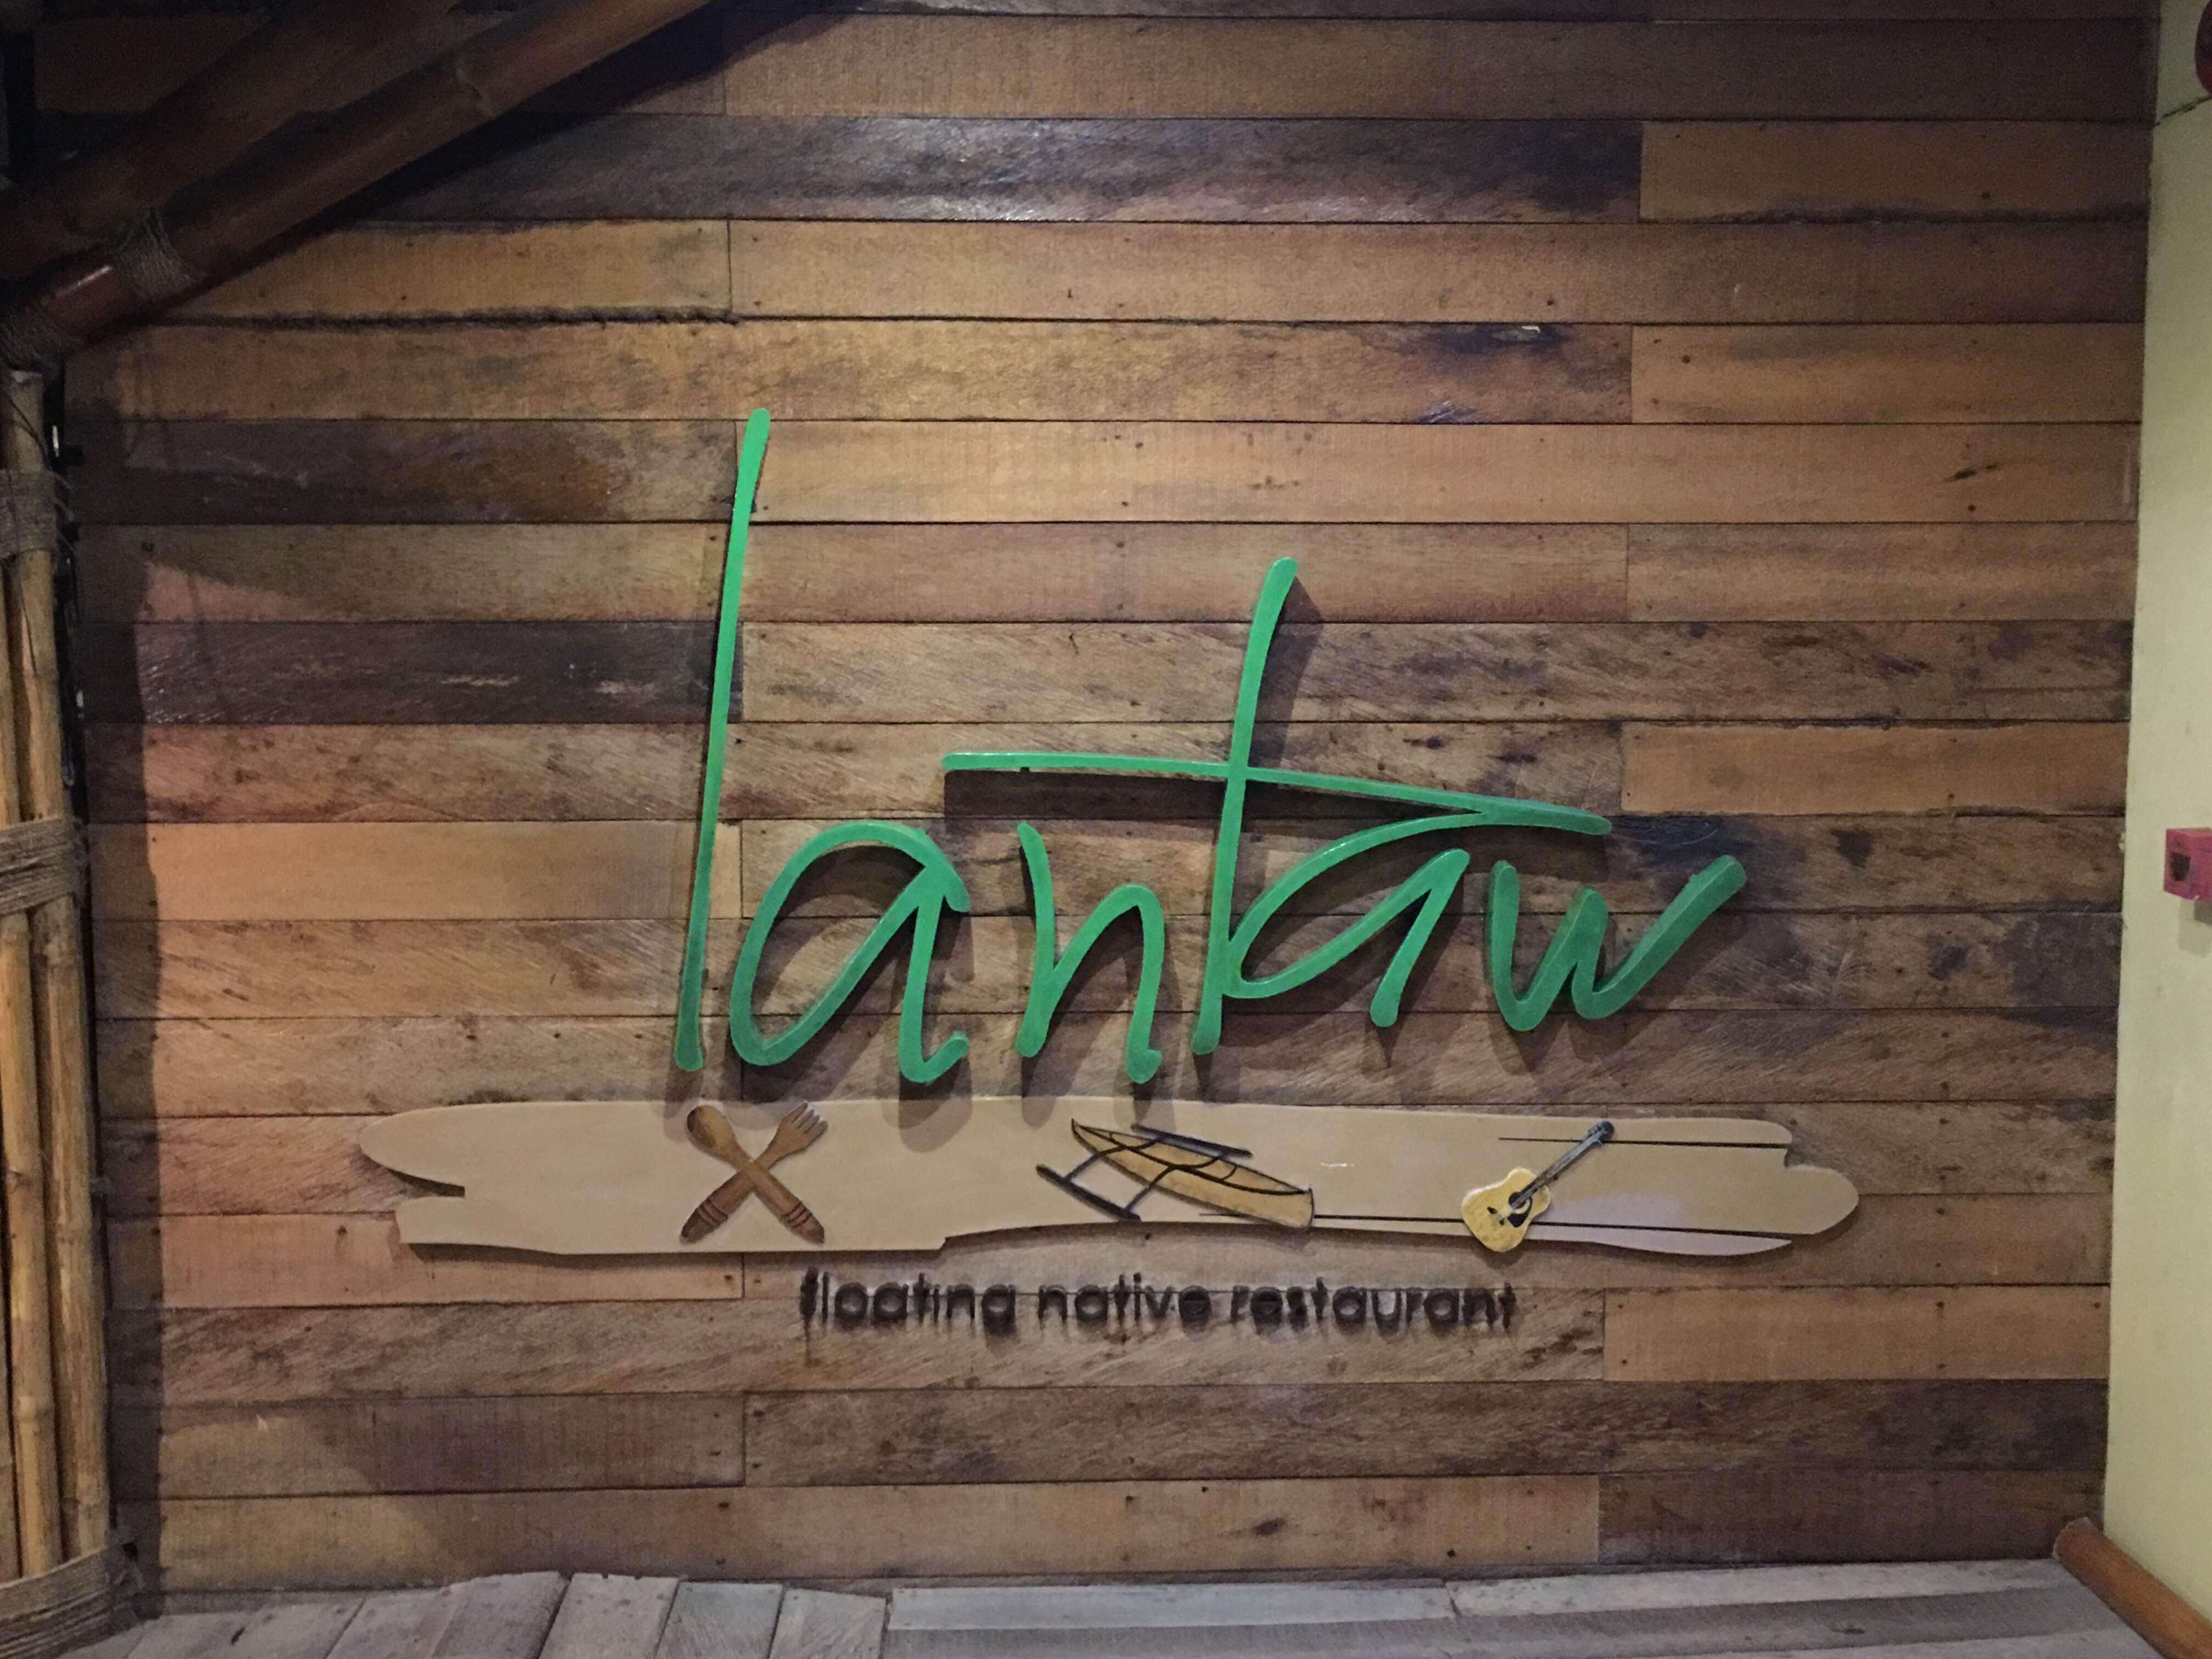 ランタウフローティングレストラン( Lantaw 水上レストラン マクタン)に行こう(1)